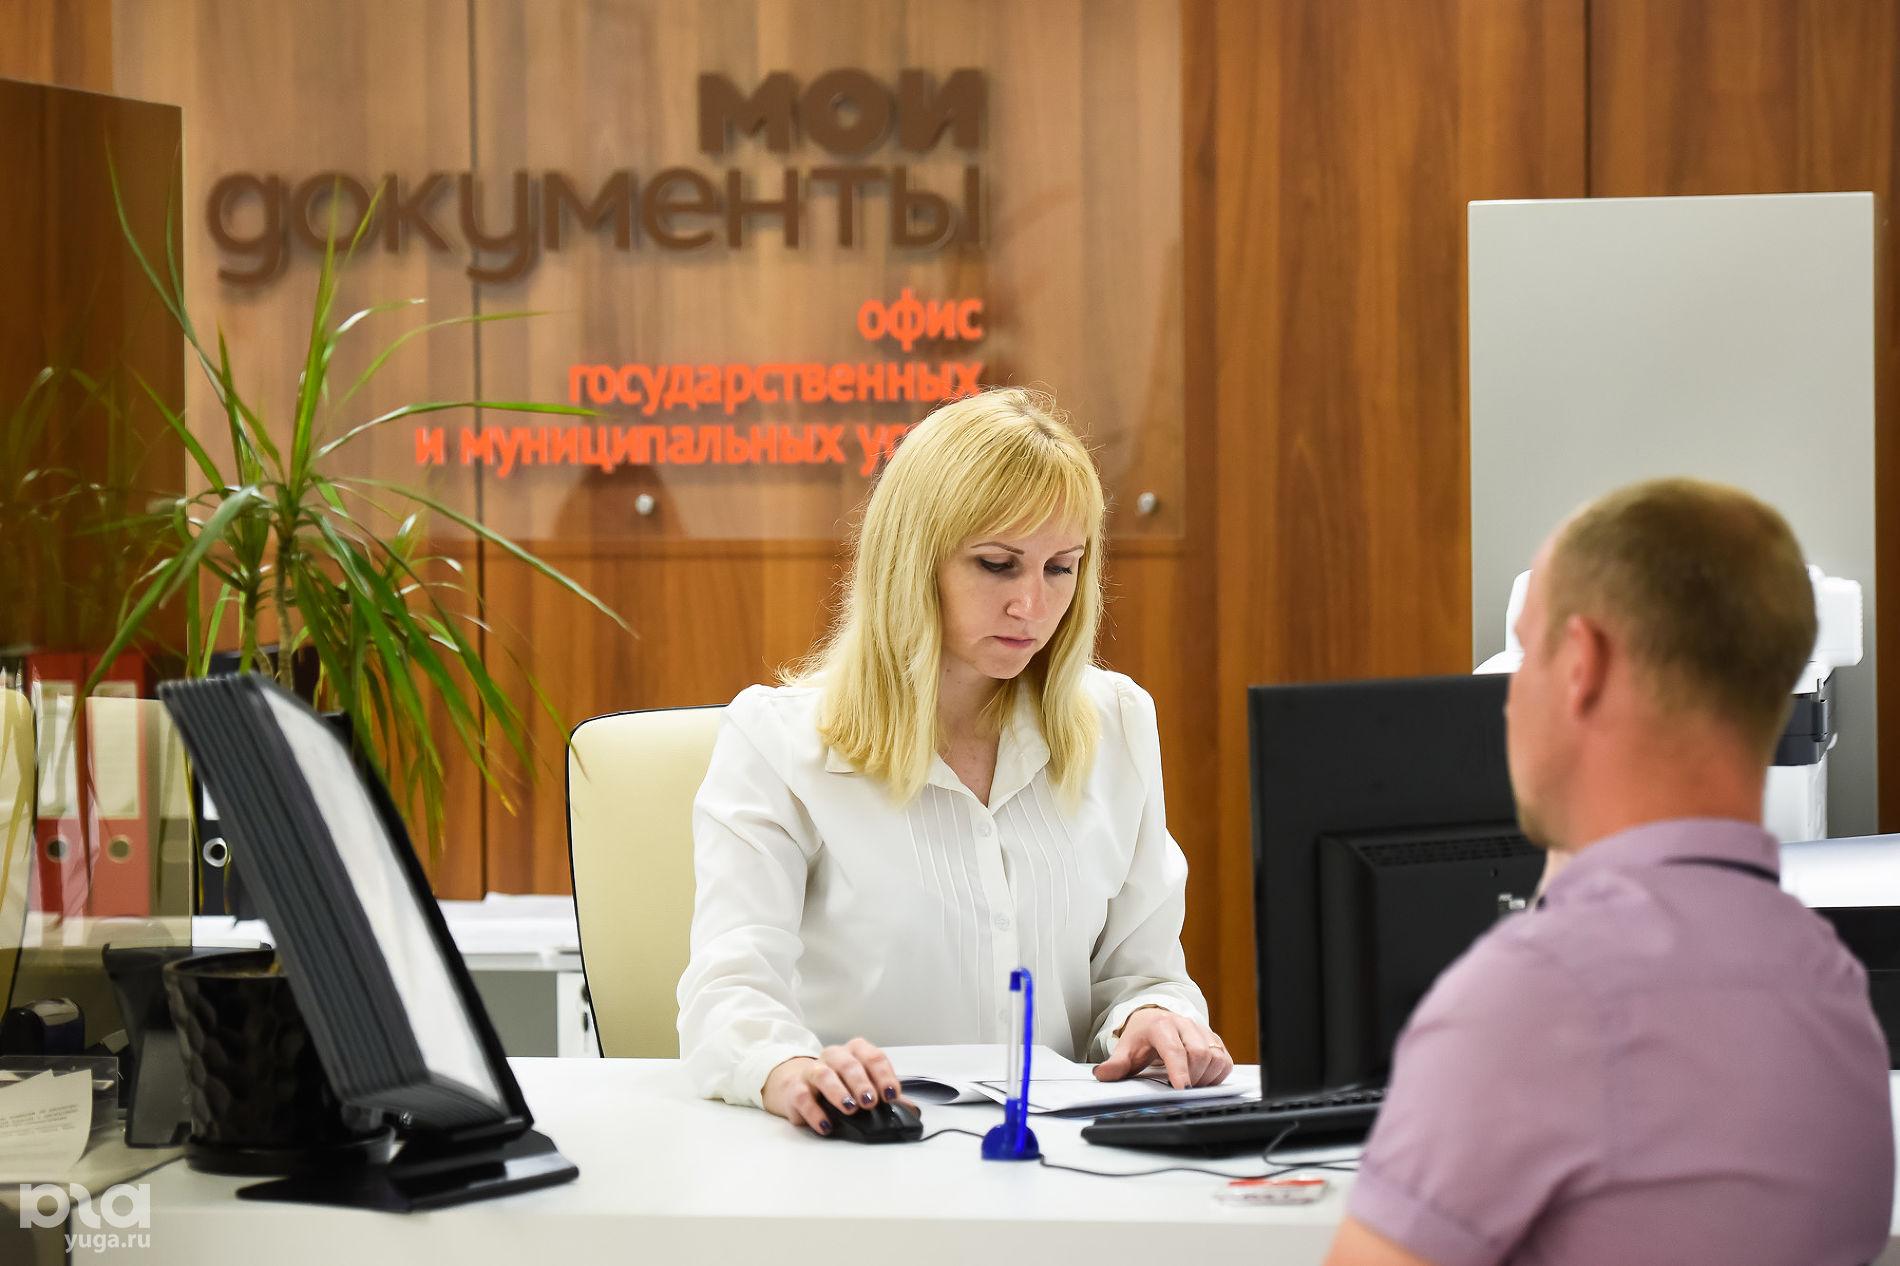 Головной офис компании «Магнит» ©Фото Елены Синеок, Юга.ру